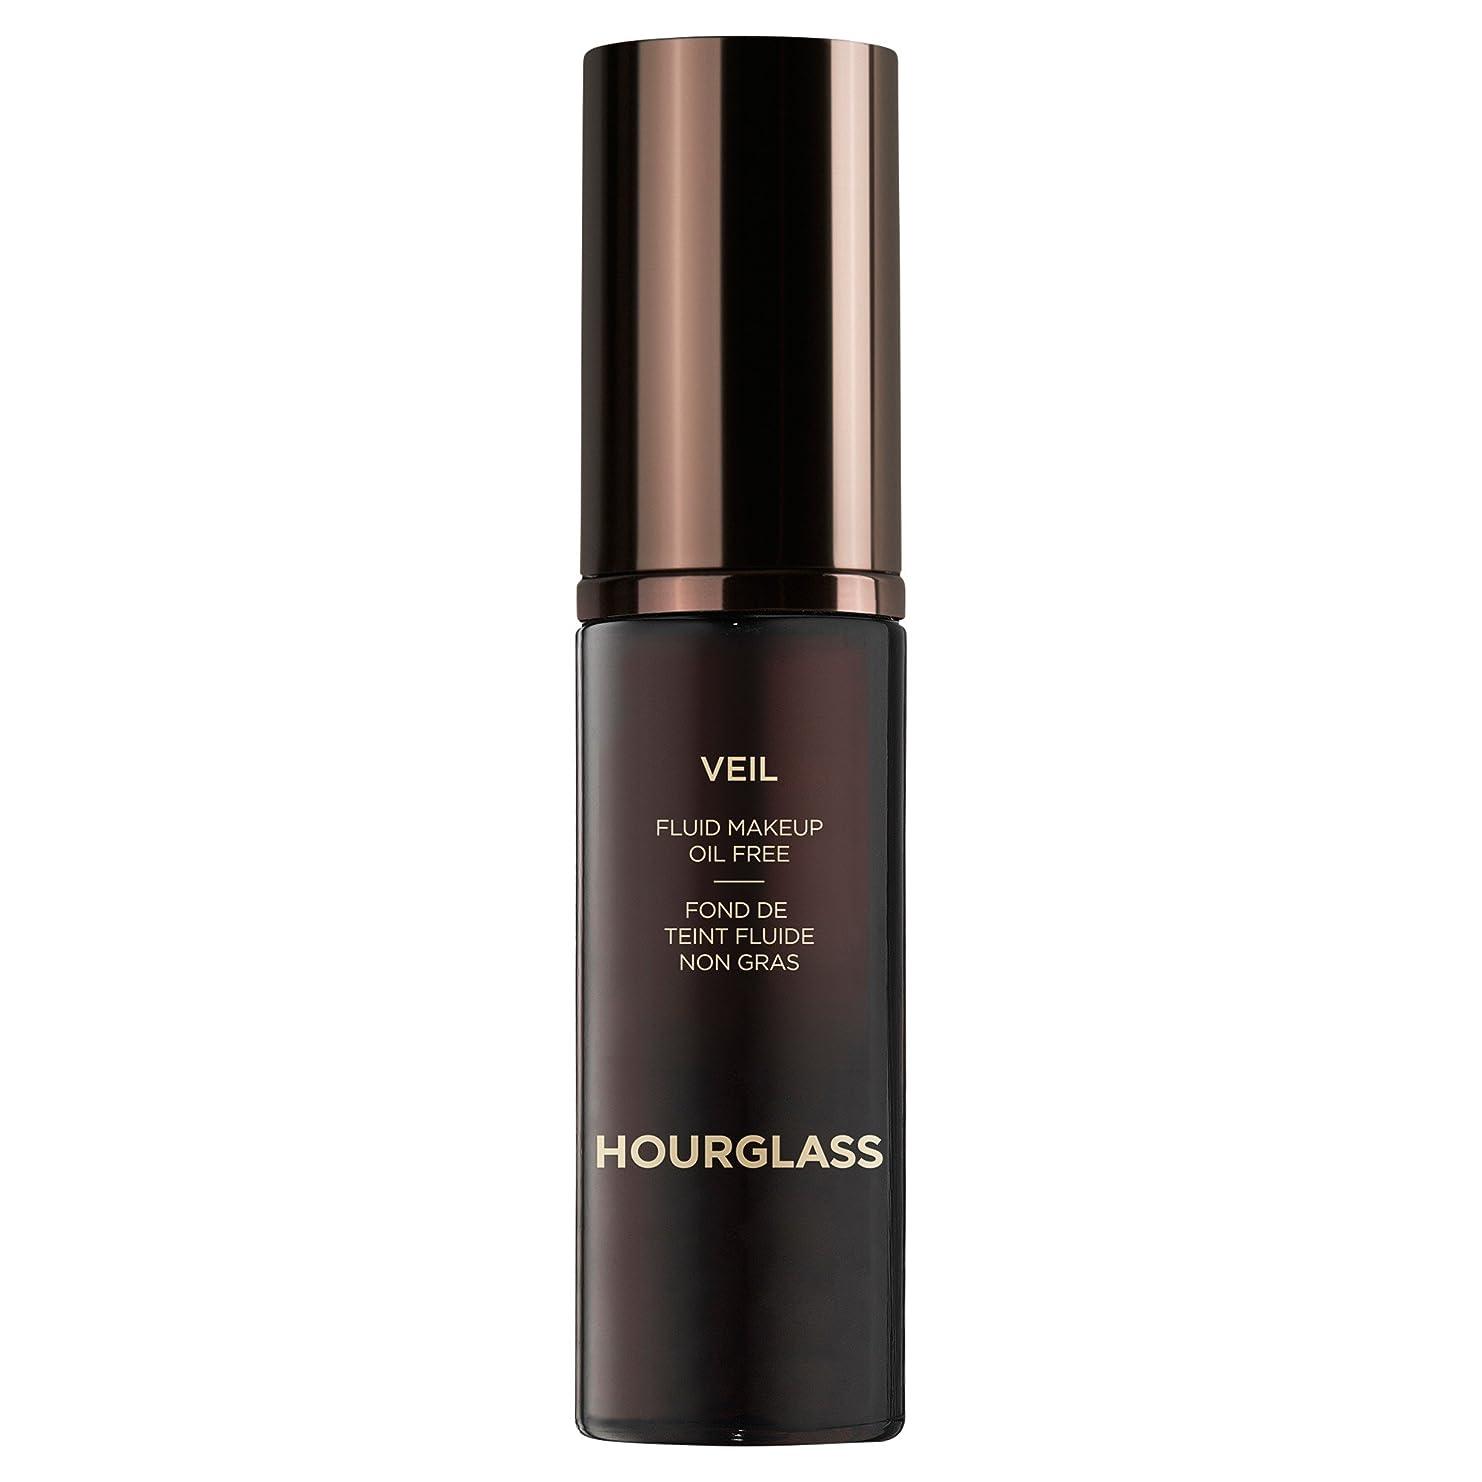 嬉しいです悪意のあるピストン流体化粧栗ベール砂時計 (Hourglass) - Hourglass Veil Fluid Makeup Chestnut [並行輸入品]